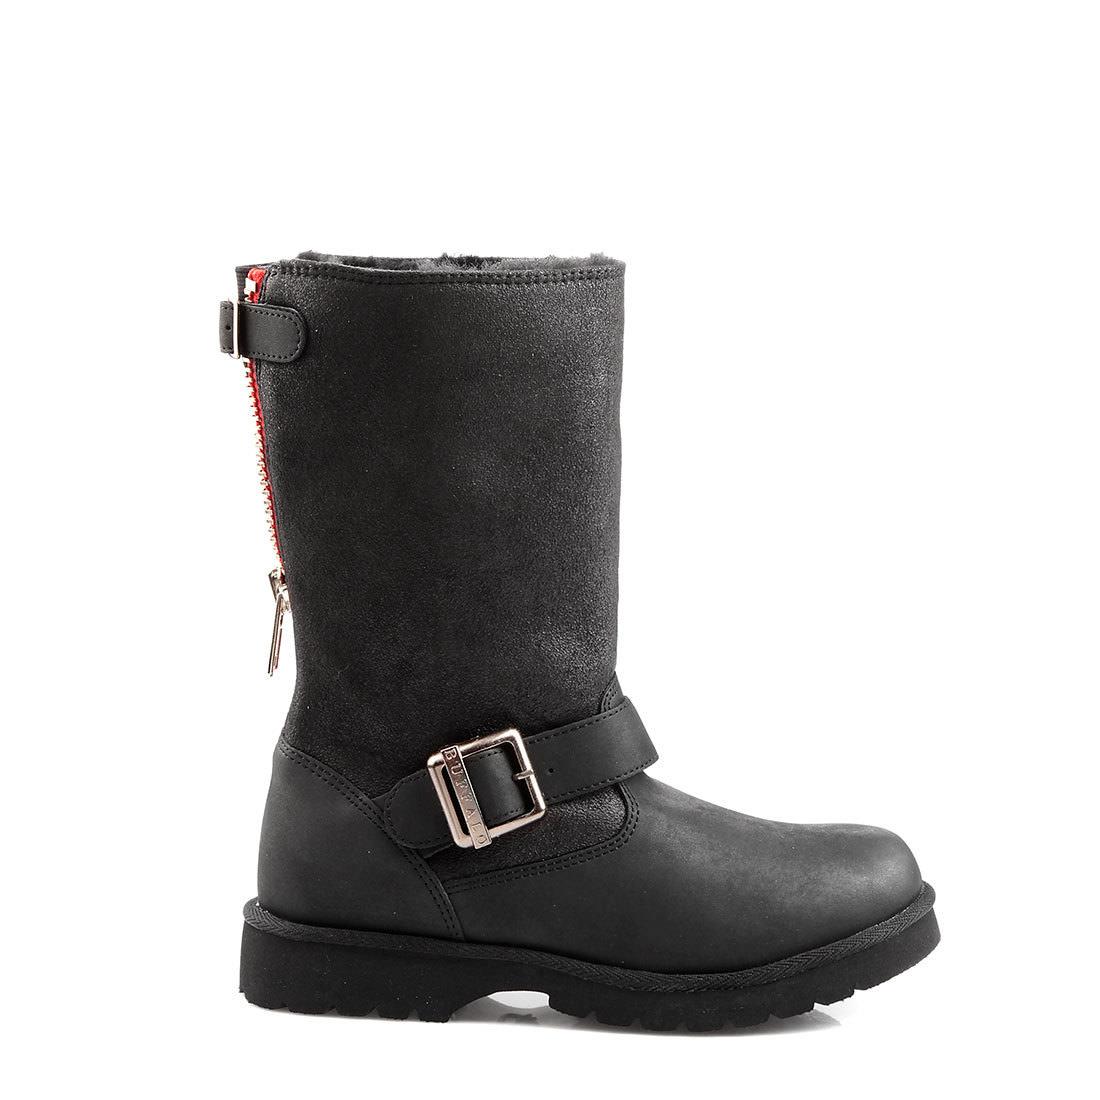 Lined Buffalo biker boots in black buy online in BUFFALO ...